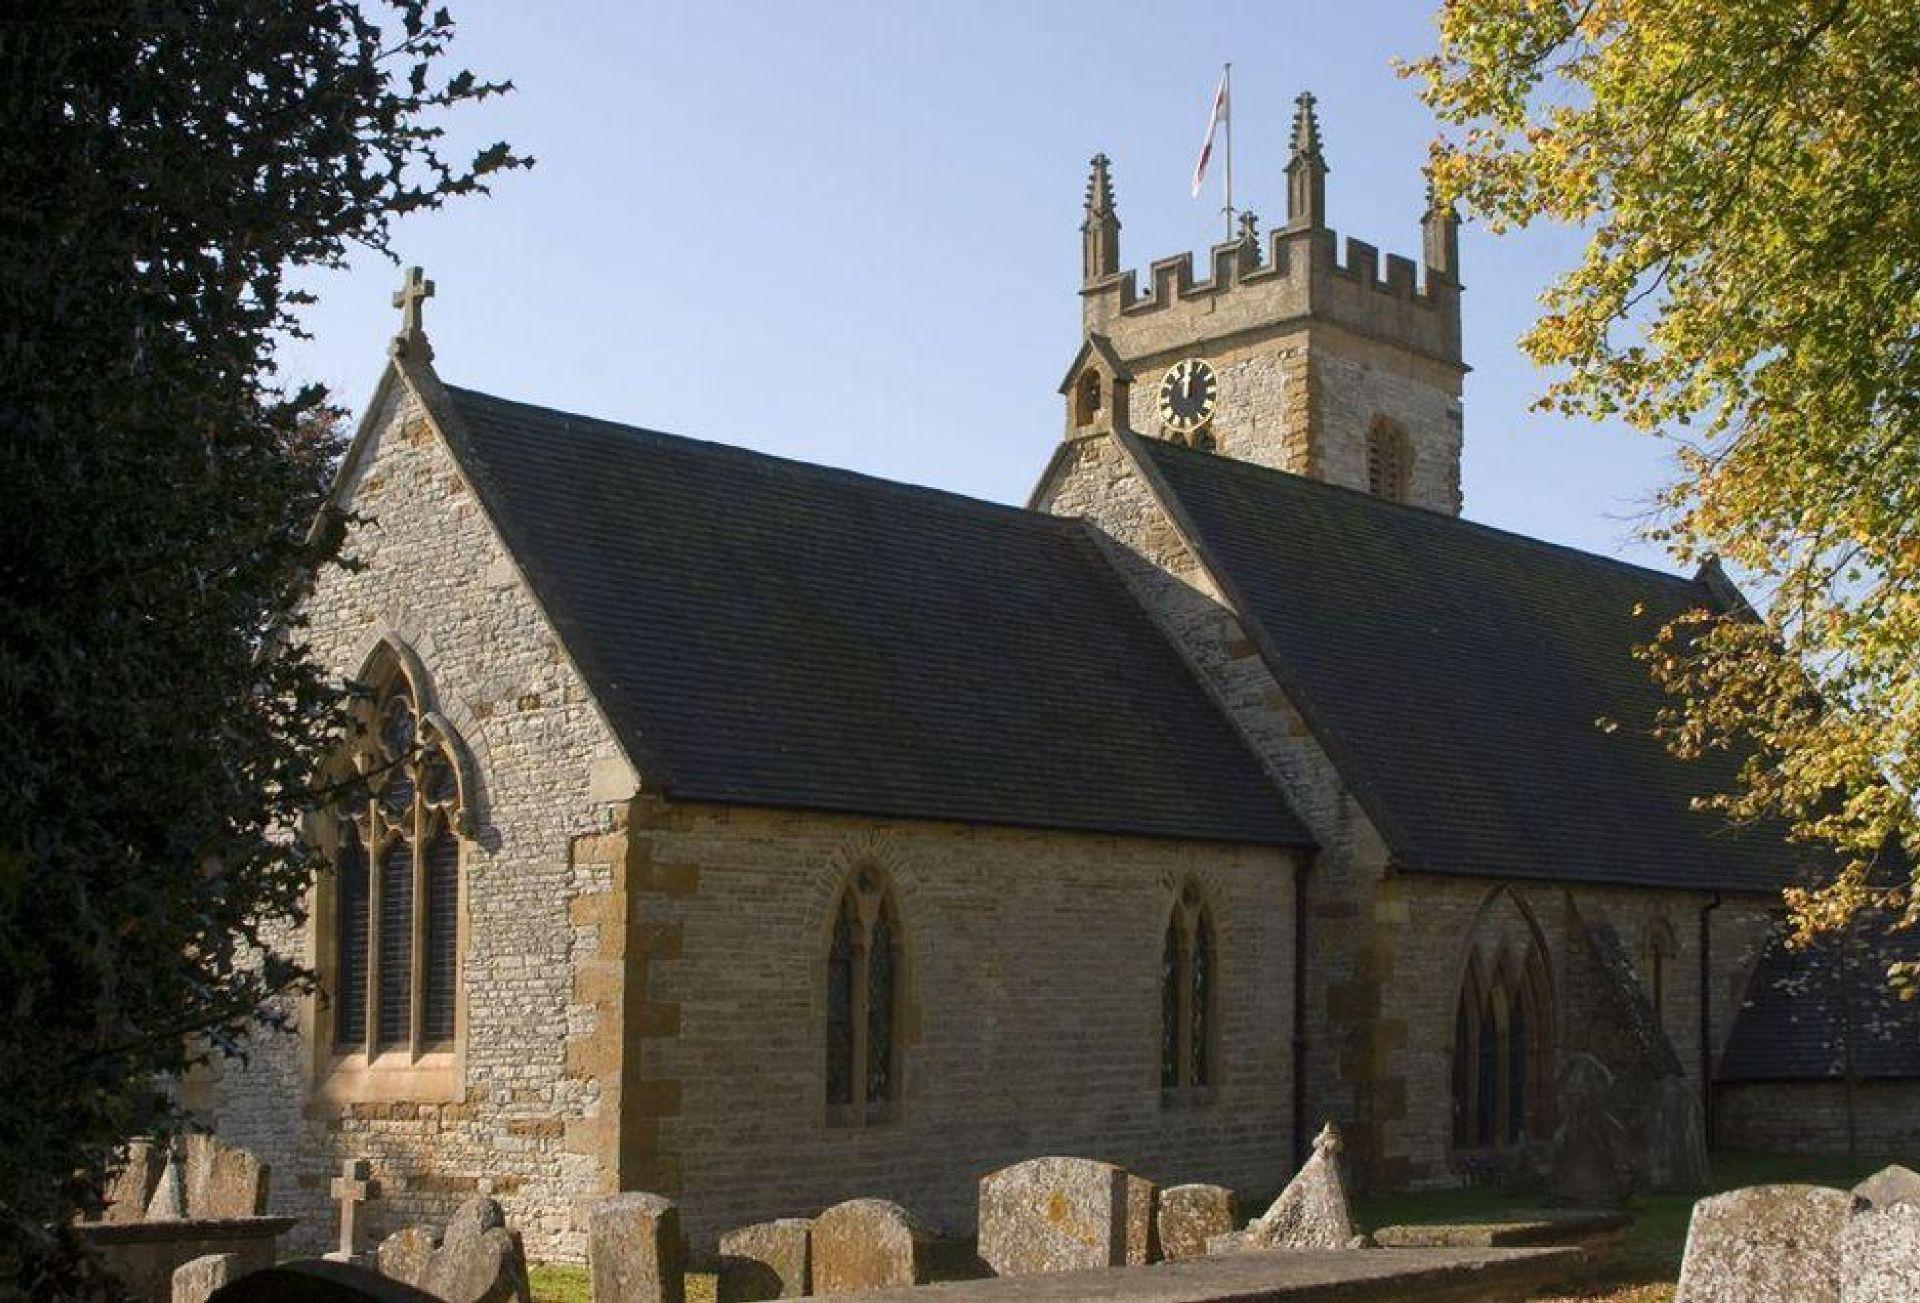 Halford Village Church